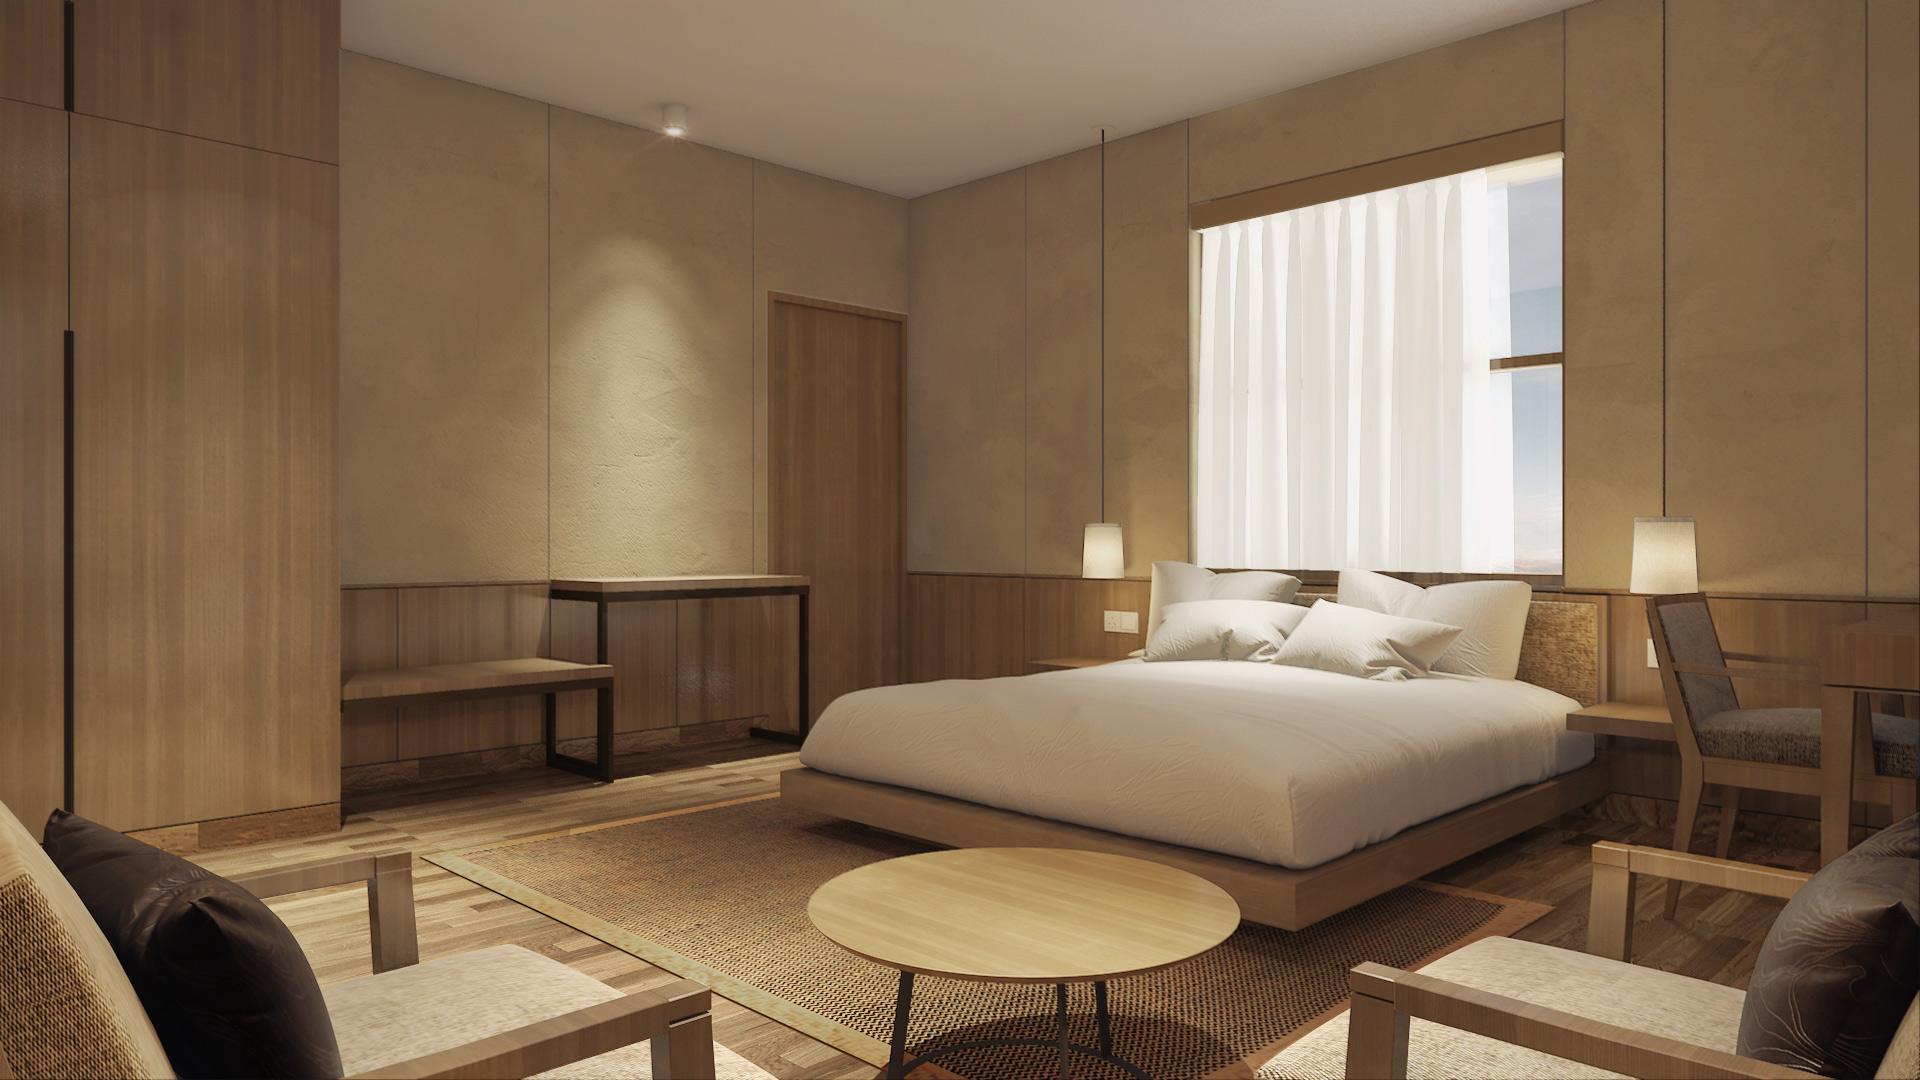 Hotel-Room1-Cam1.jpg